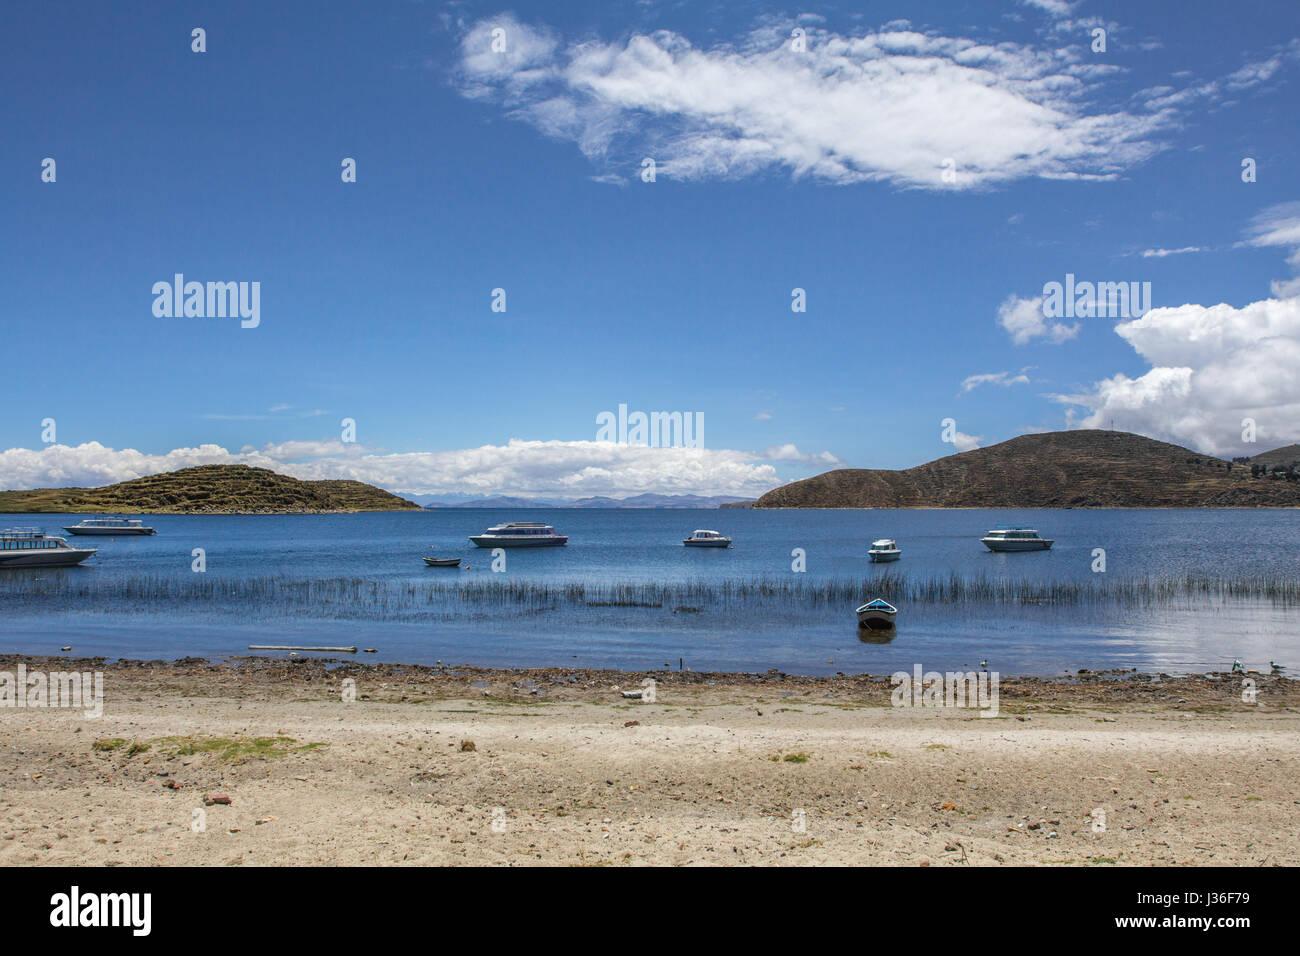 Vue sur le lac et les bateaux. Route et bateau pour l'Isla del Sol, l'île du soleil. Situé dans Photo Stock